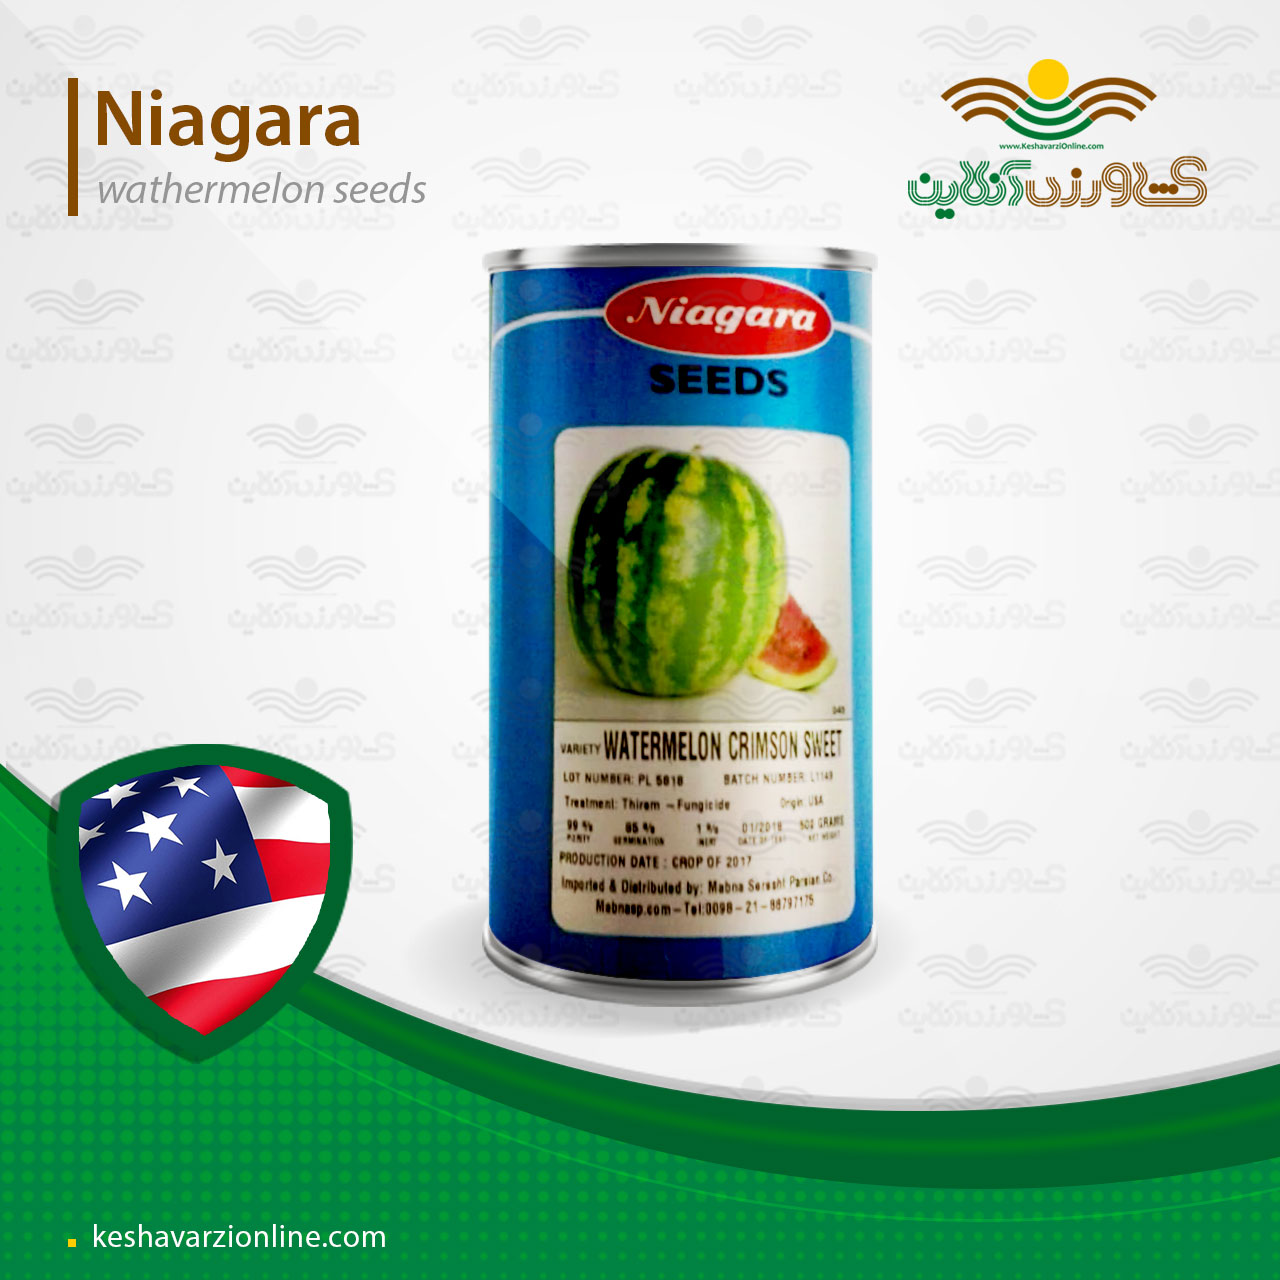 بذر هندوانه کریمسون سوییت نیاگارا